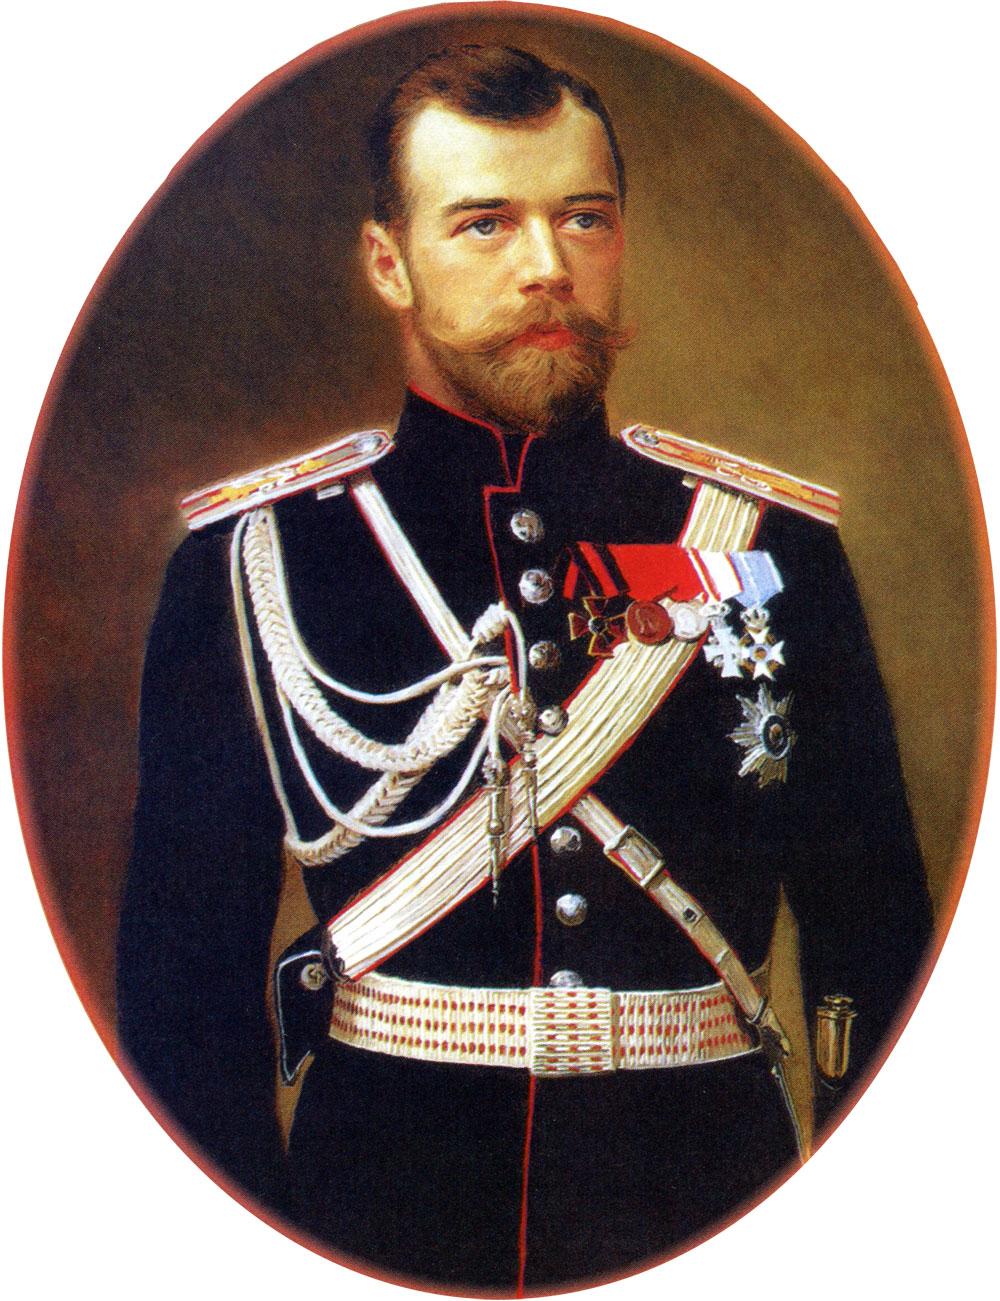 Исторический портрет по книжной выставке «Последний император: правда и вымысел»